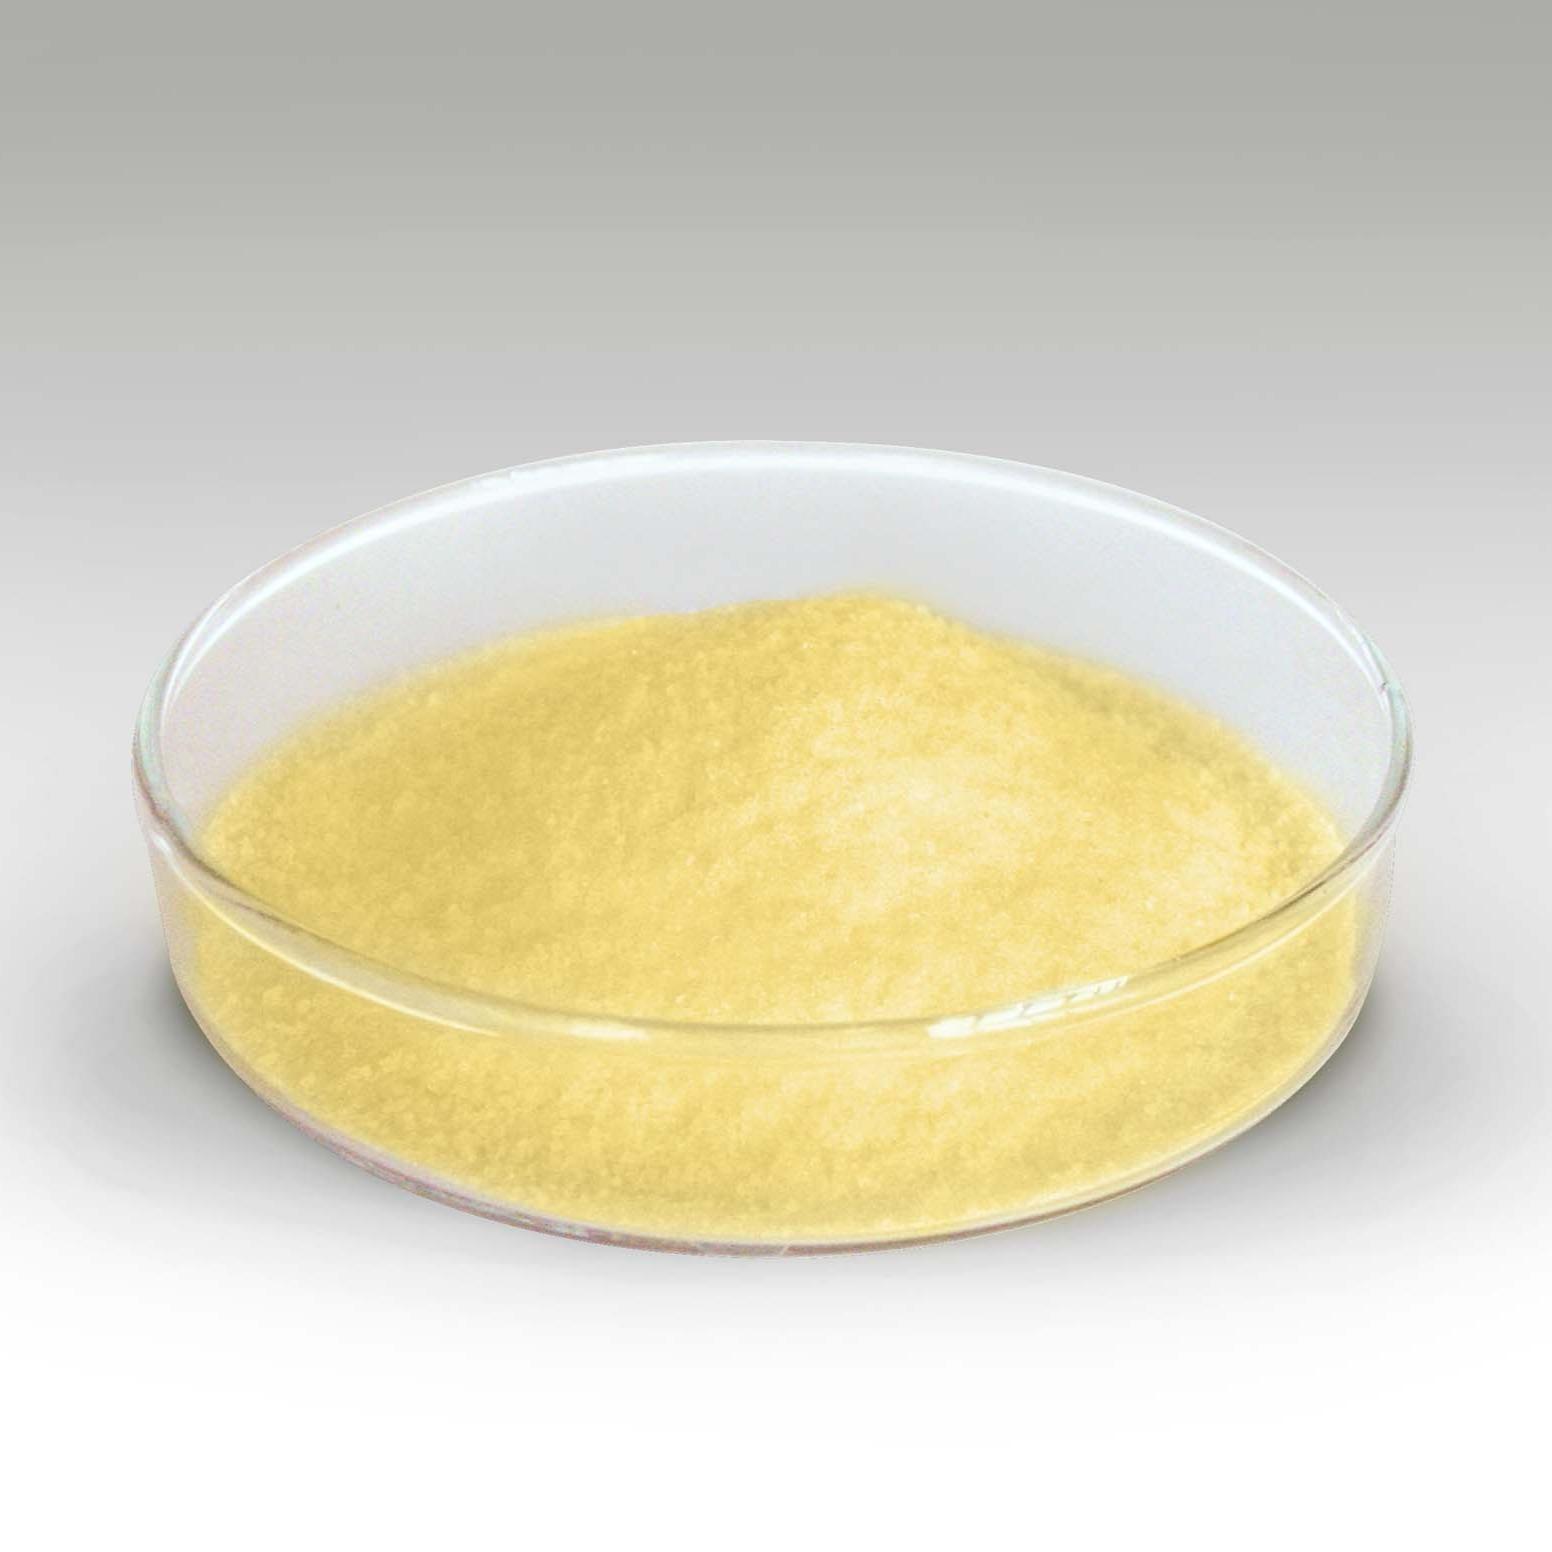 氧化锌 营养强化剂 日化原料 厂家现货直销